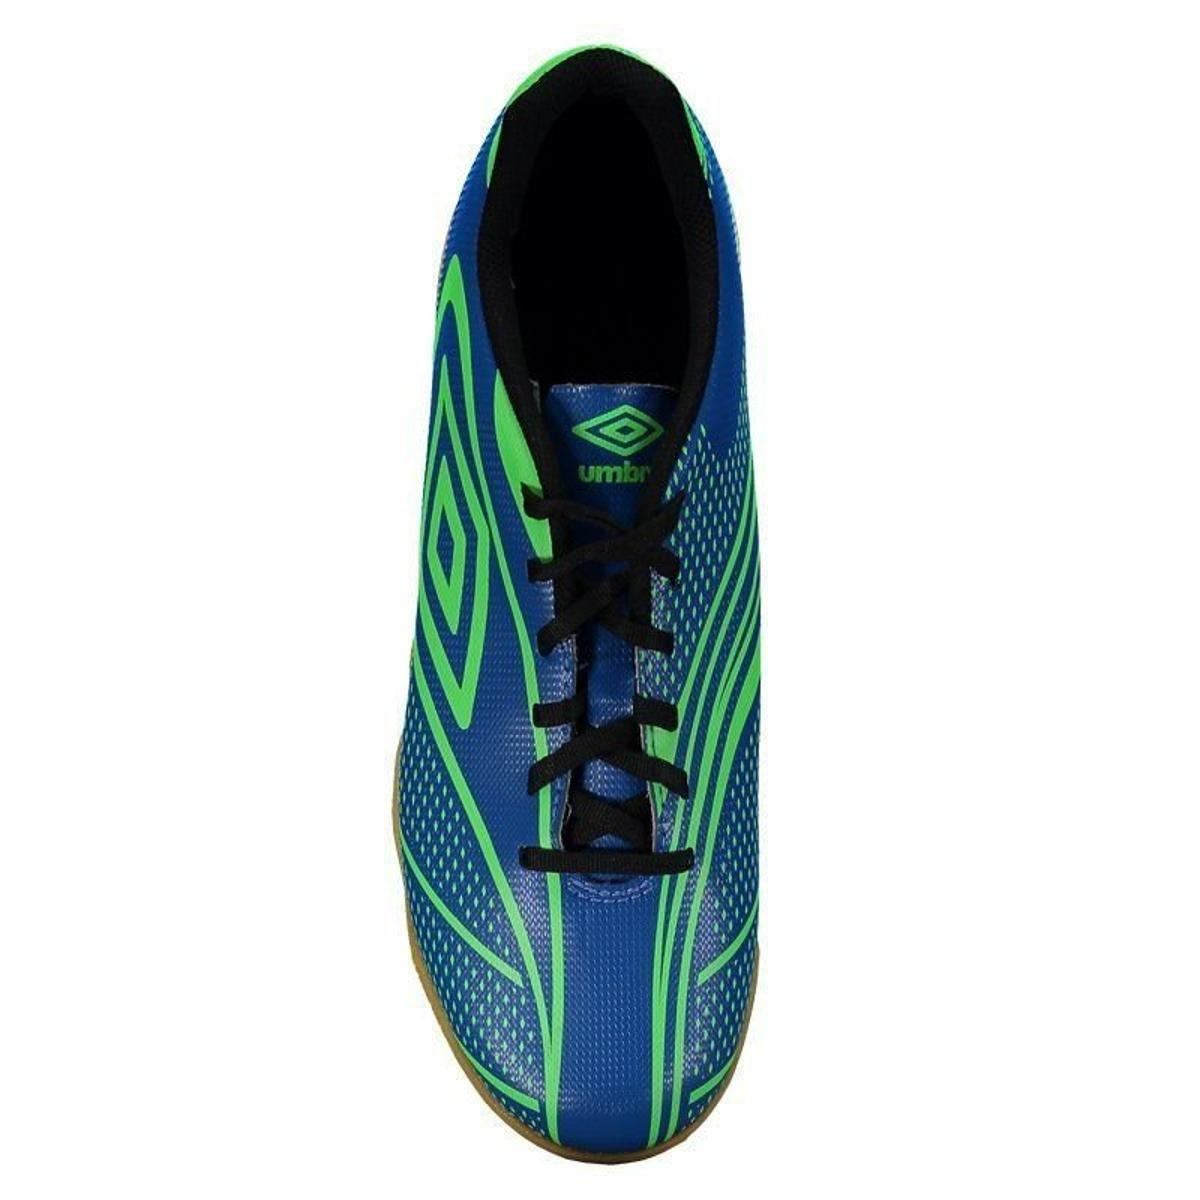 1bae0e8e1c Chuteira Futsal Umbro Fury - Azul e Verde - Compre Agora